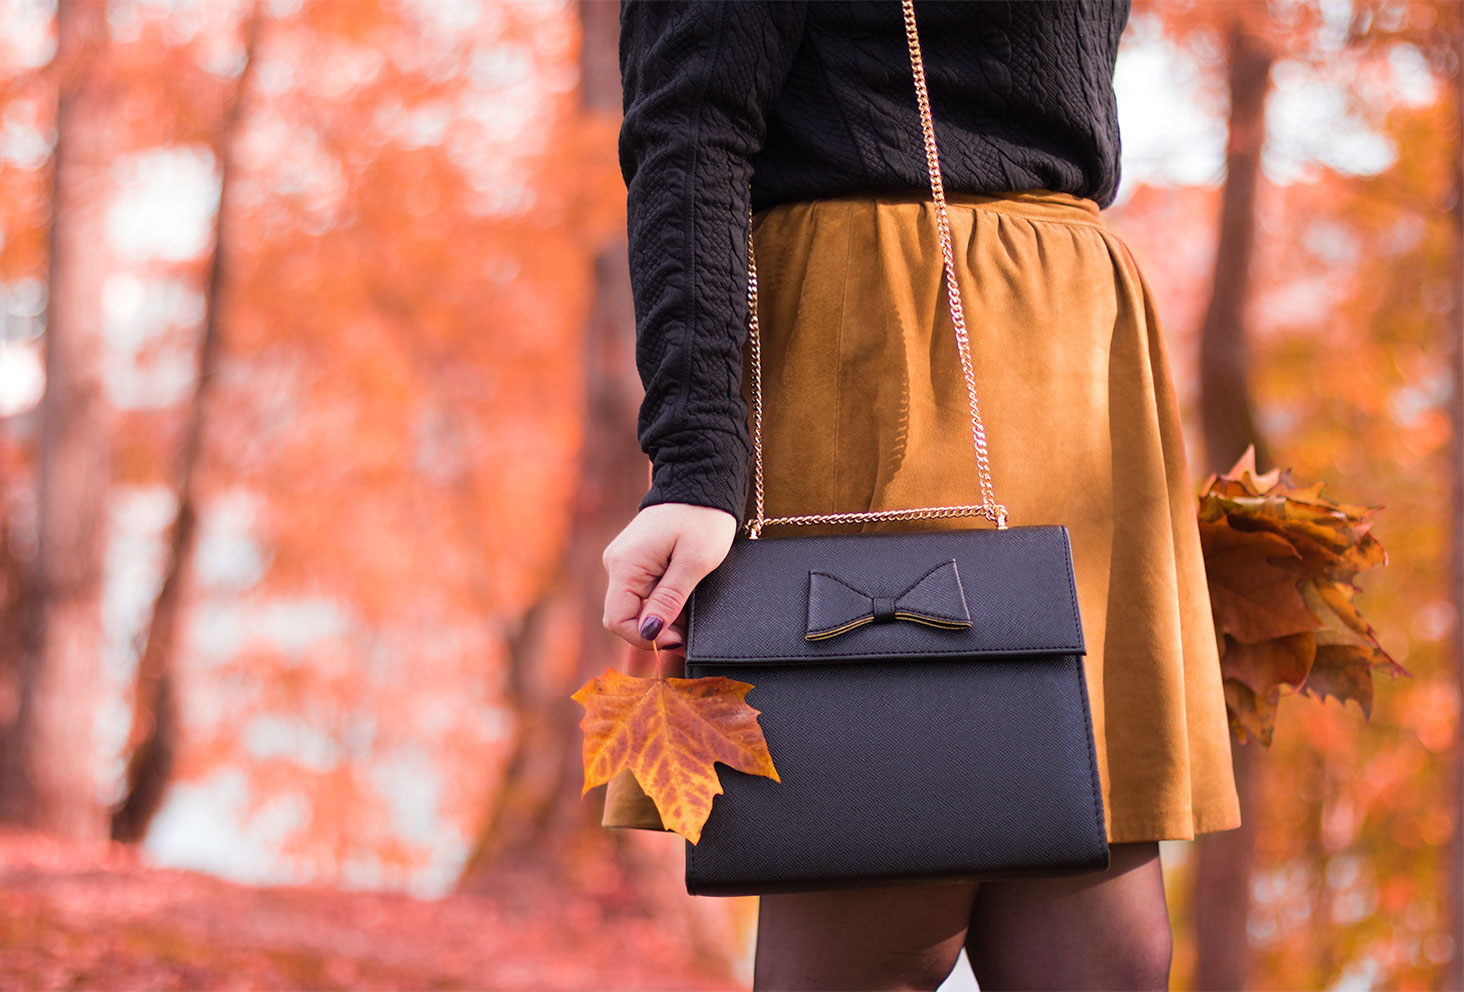 Le sac noir à nœud Compana Fantastica pour le look d'automne Modz